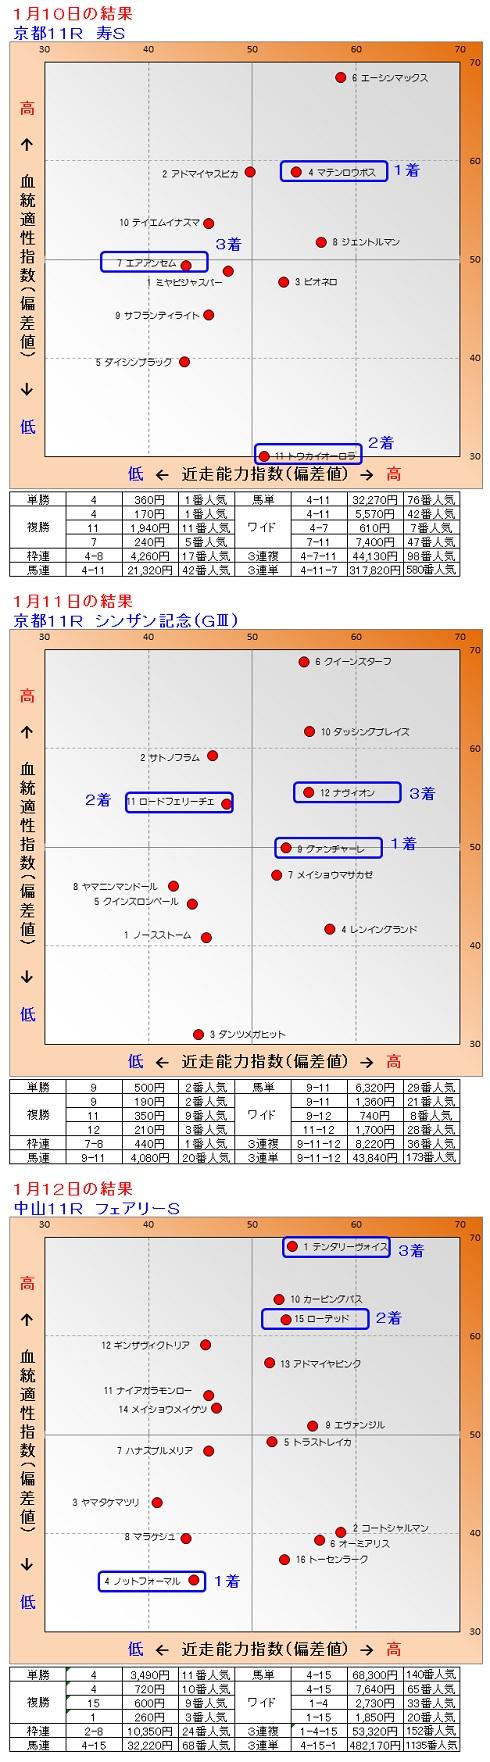 2015-01-101112結果